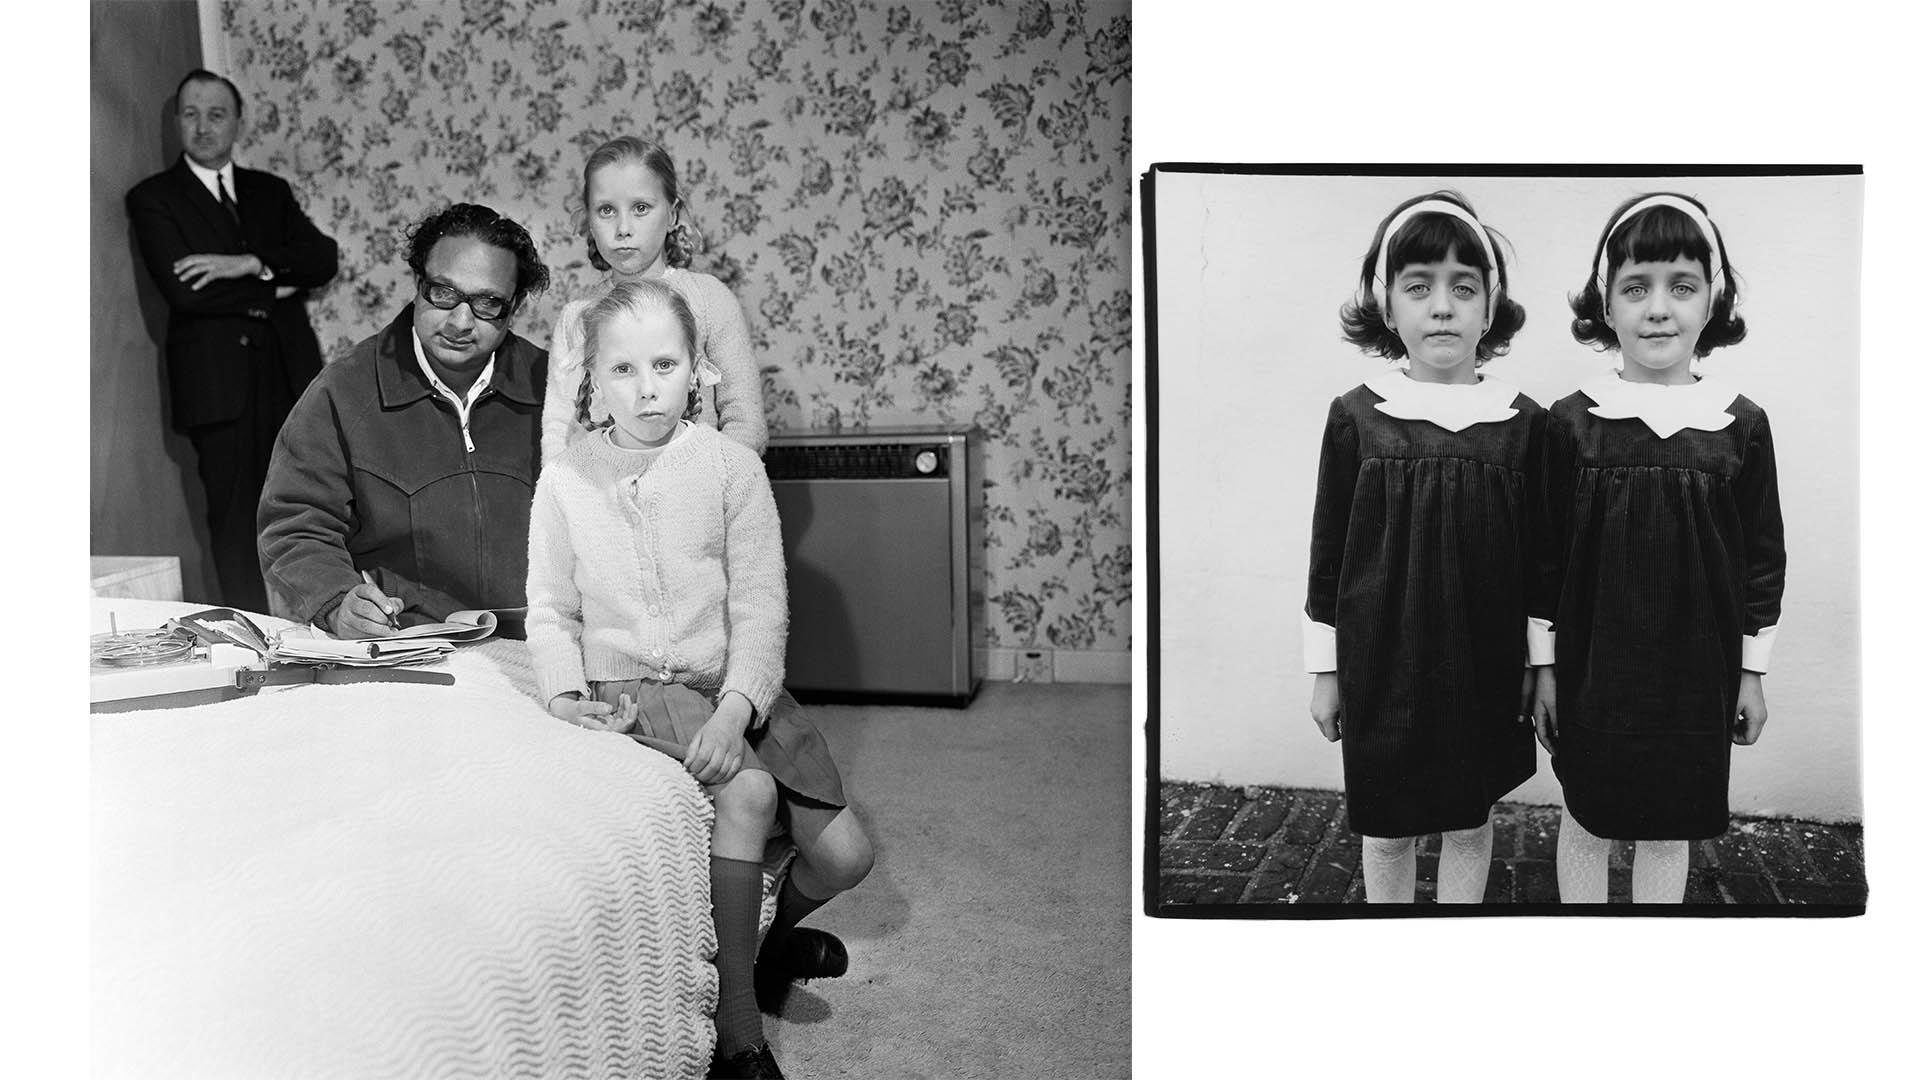 ezotéria hátborzongató eset pollock ikrek reinkarnáció szellemvilág túlvilág újjászületés ványik dóra